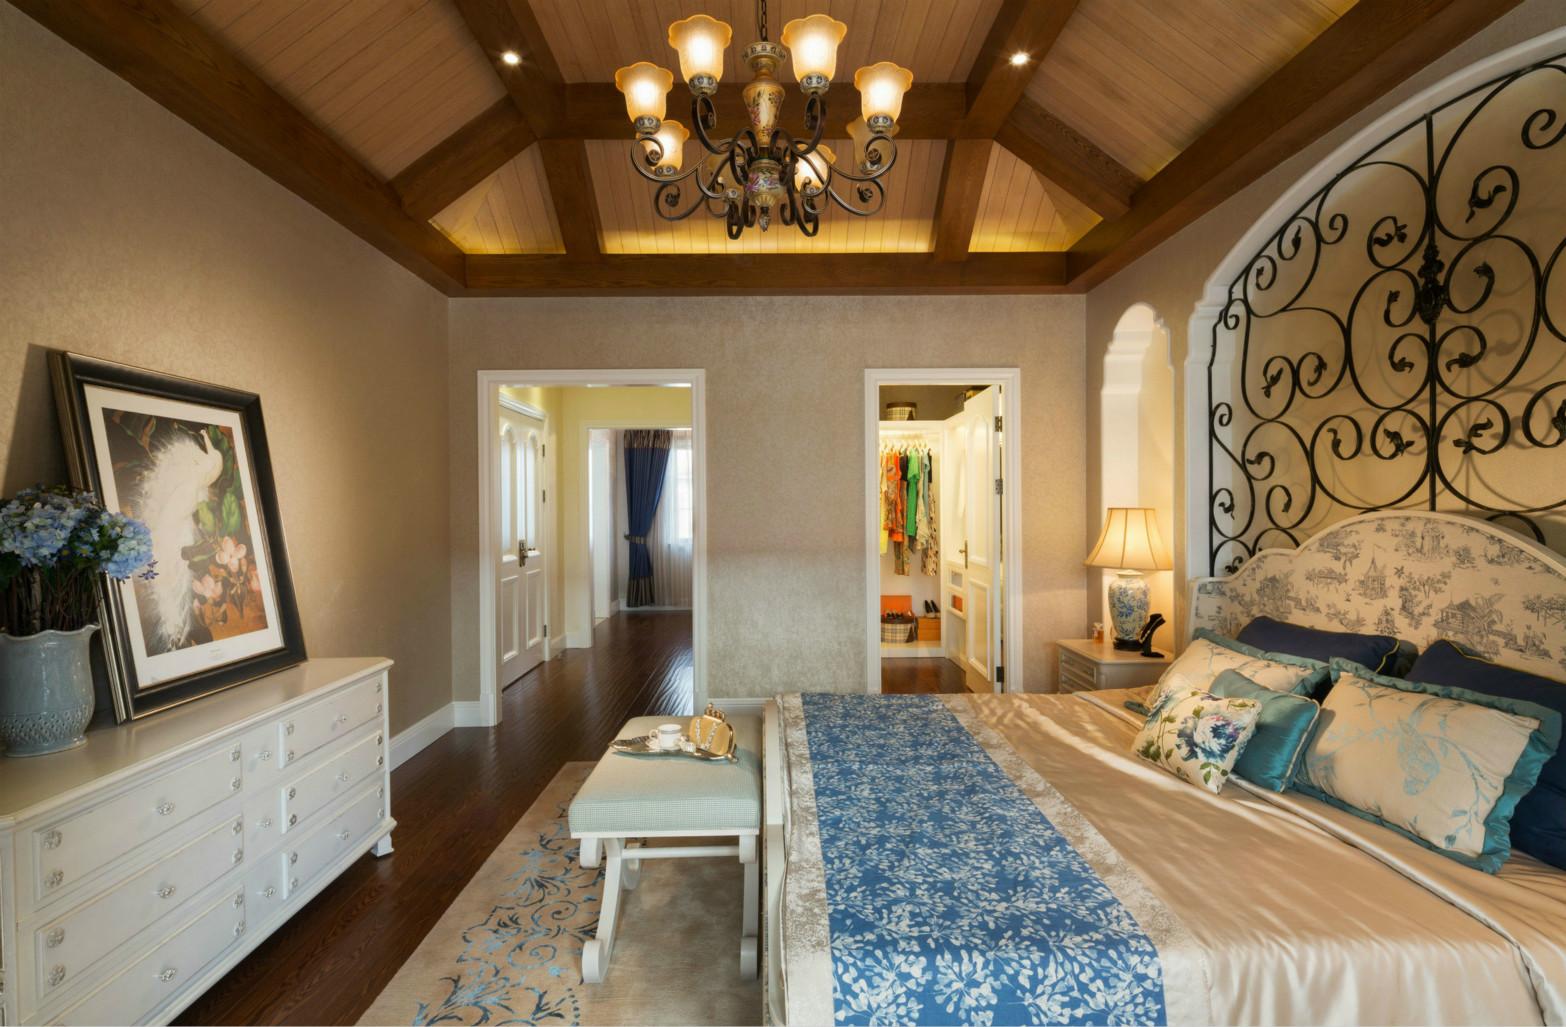 卧室的地面以木地板为铺就,美式床恰到好处的高度人坐卧都很舒适